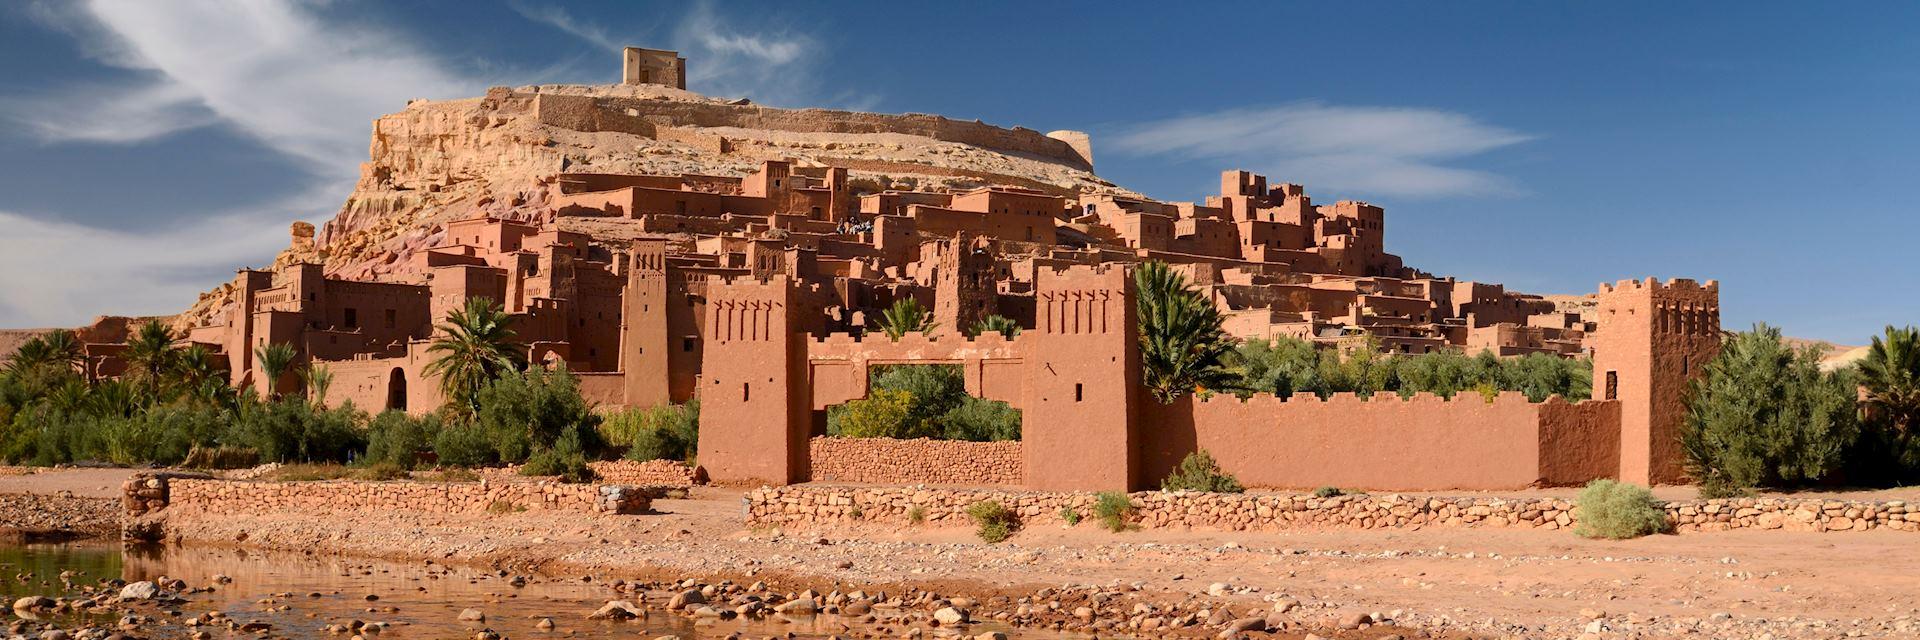 Ait Benhaddou, Oued Mellah